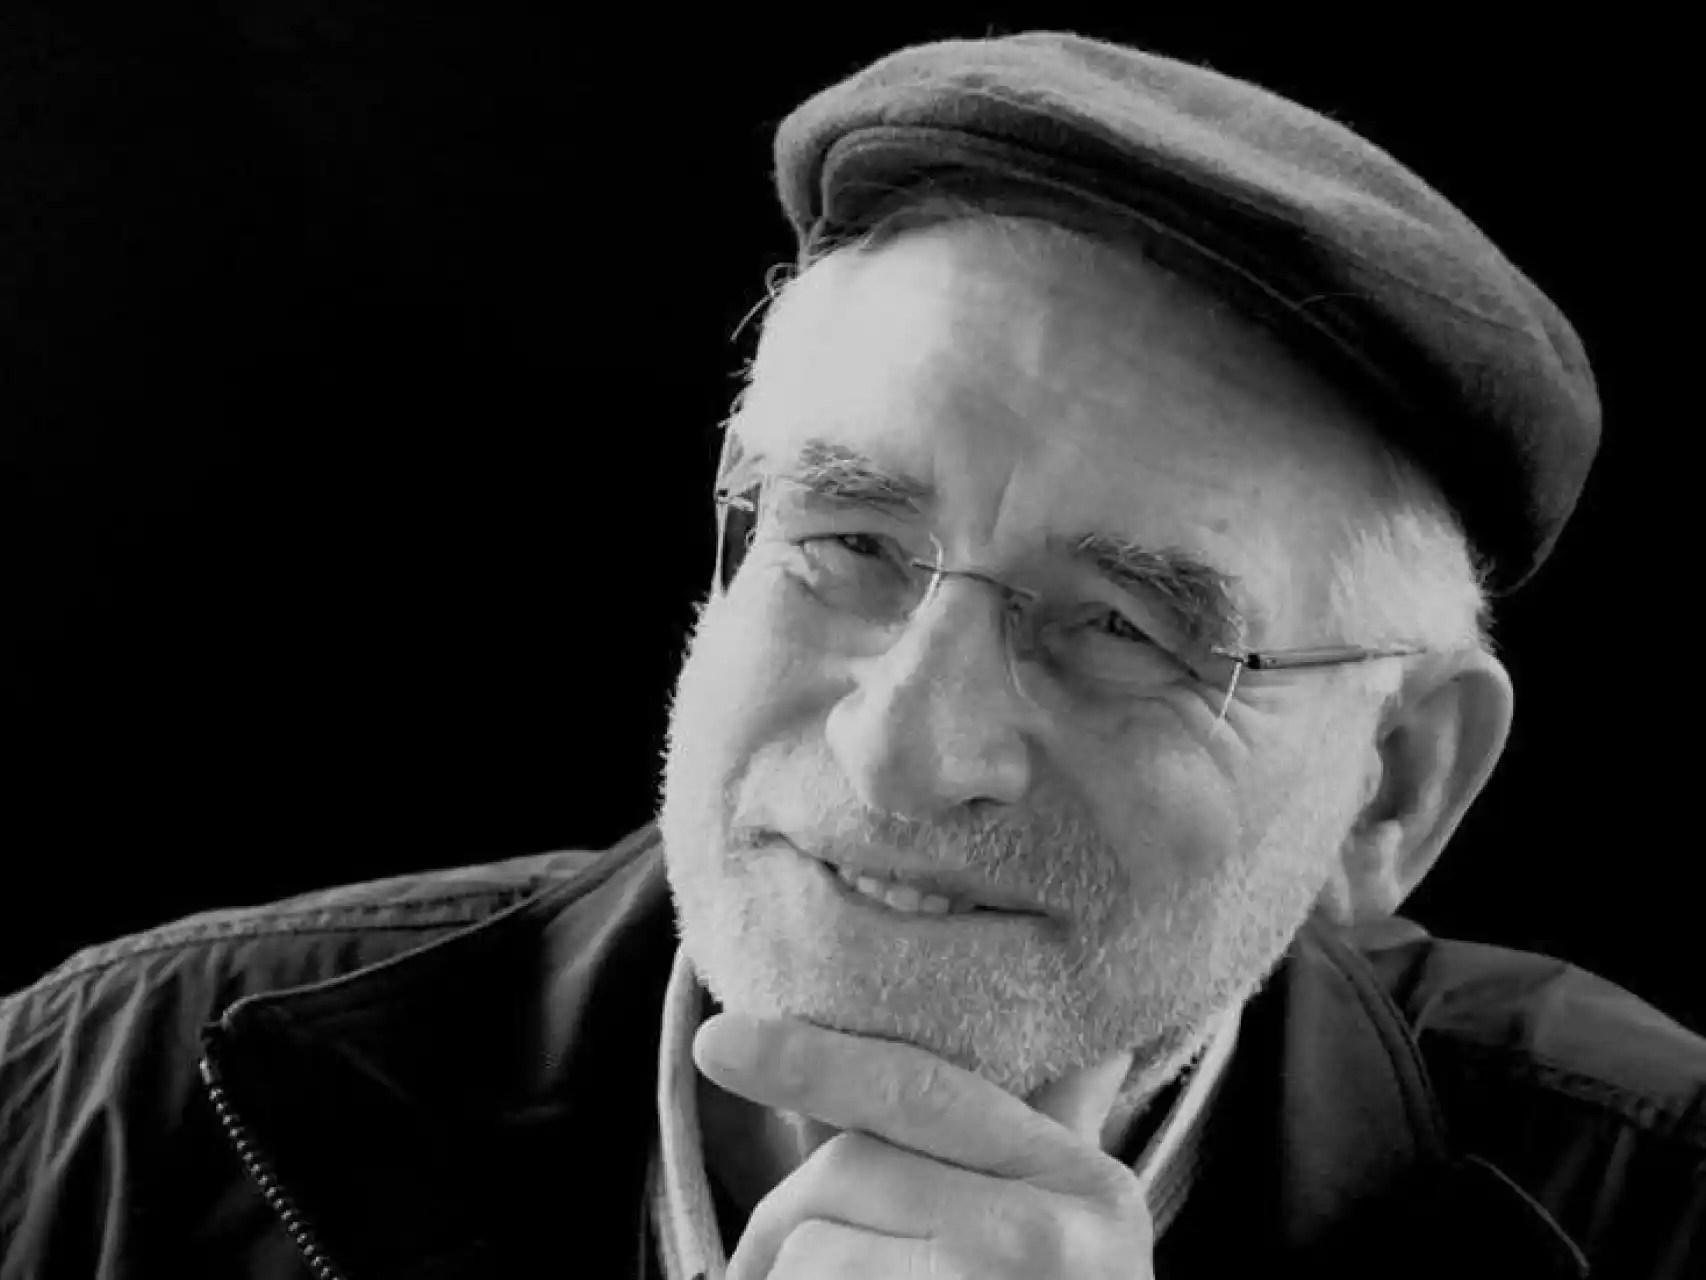 El padre Mário de Oliveira (Lourosa, 1937) denuncia que el milagro de Fátima fue un montaje.